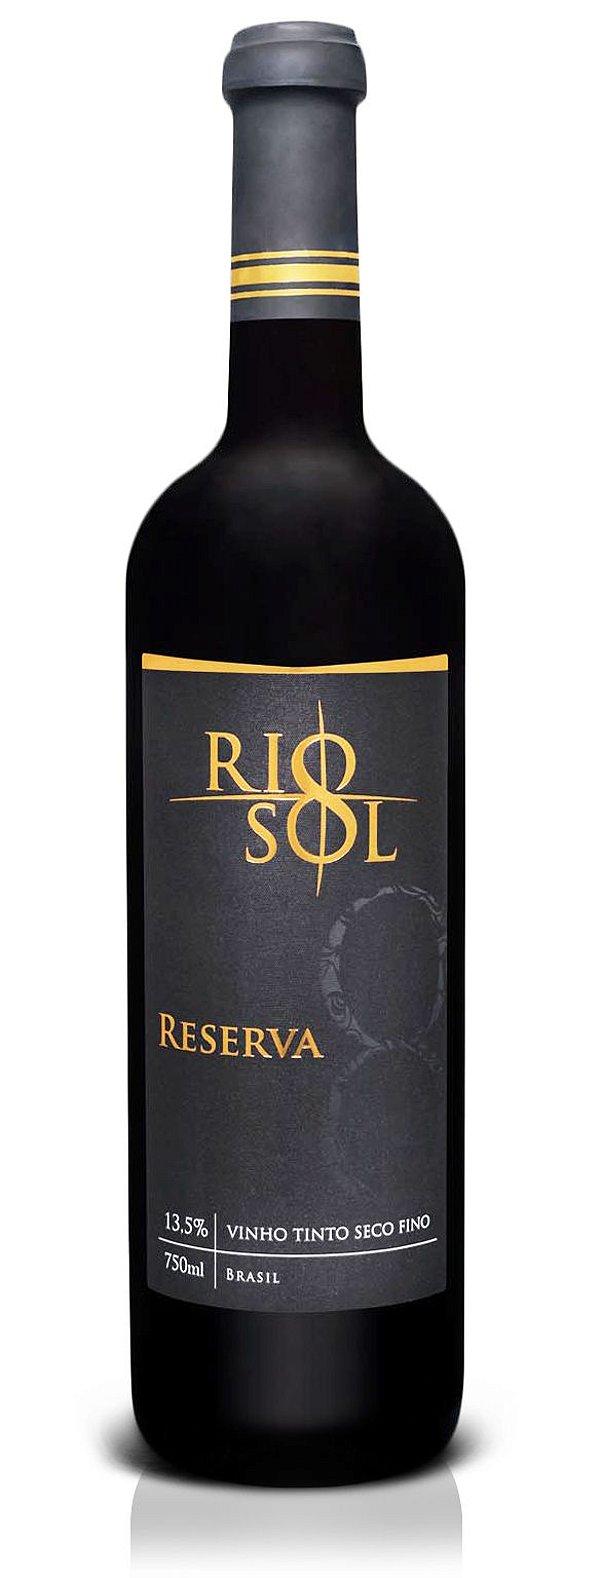 Rio Sol Reserva 750ml